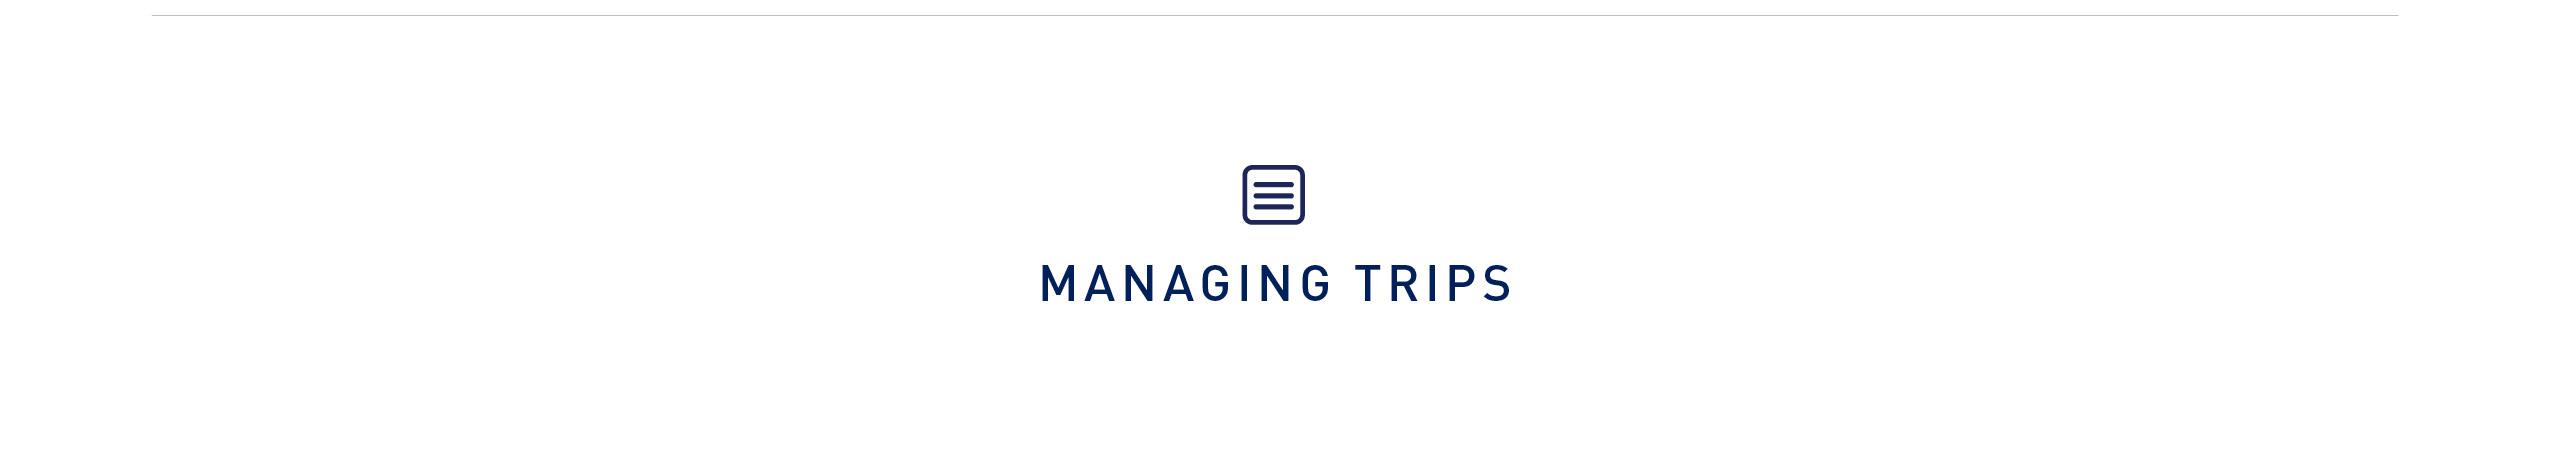 Managing trips